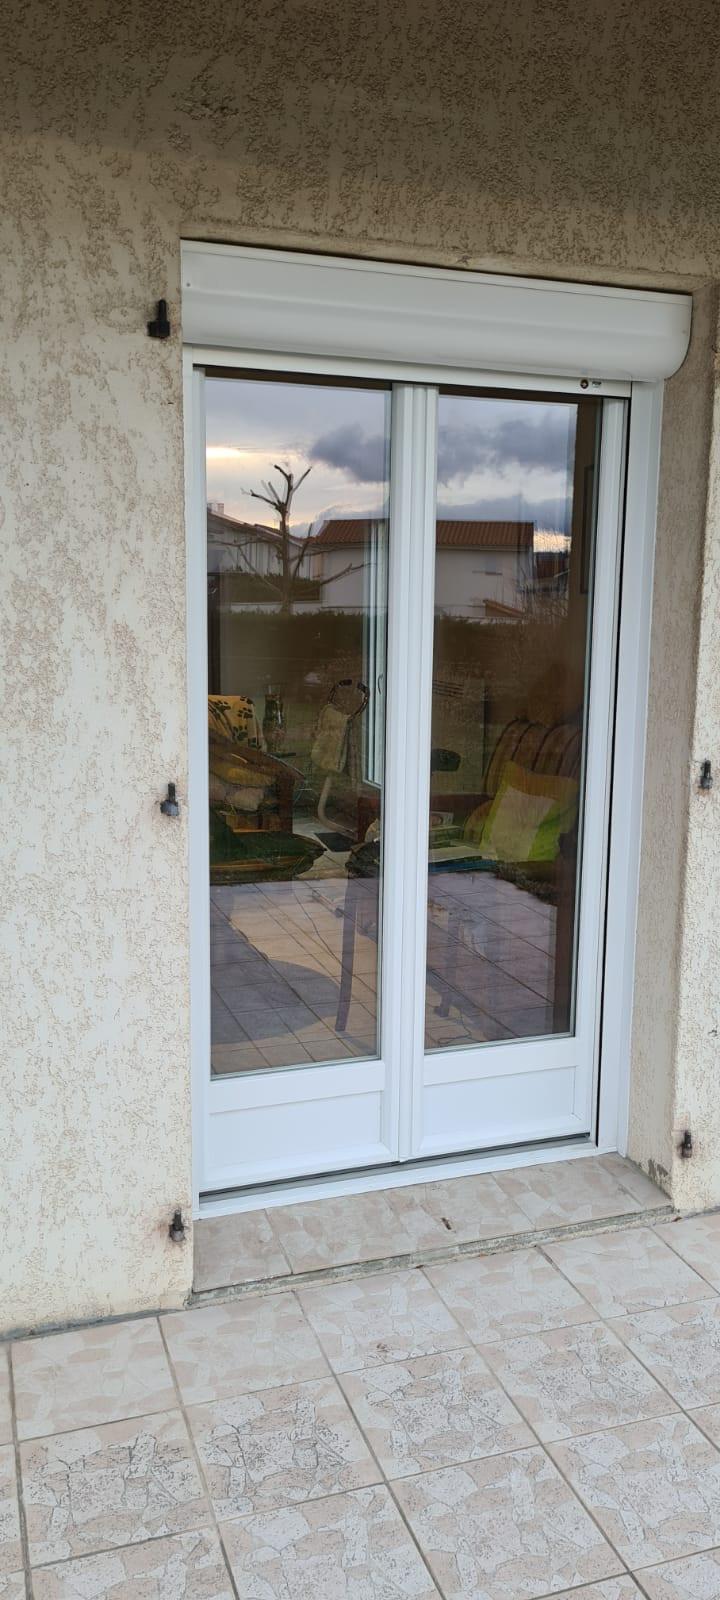 Porte fenêtre PVC blanc avec volet roulant électrique